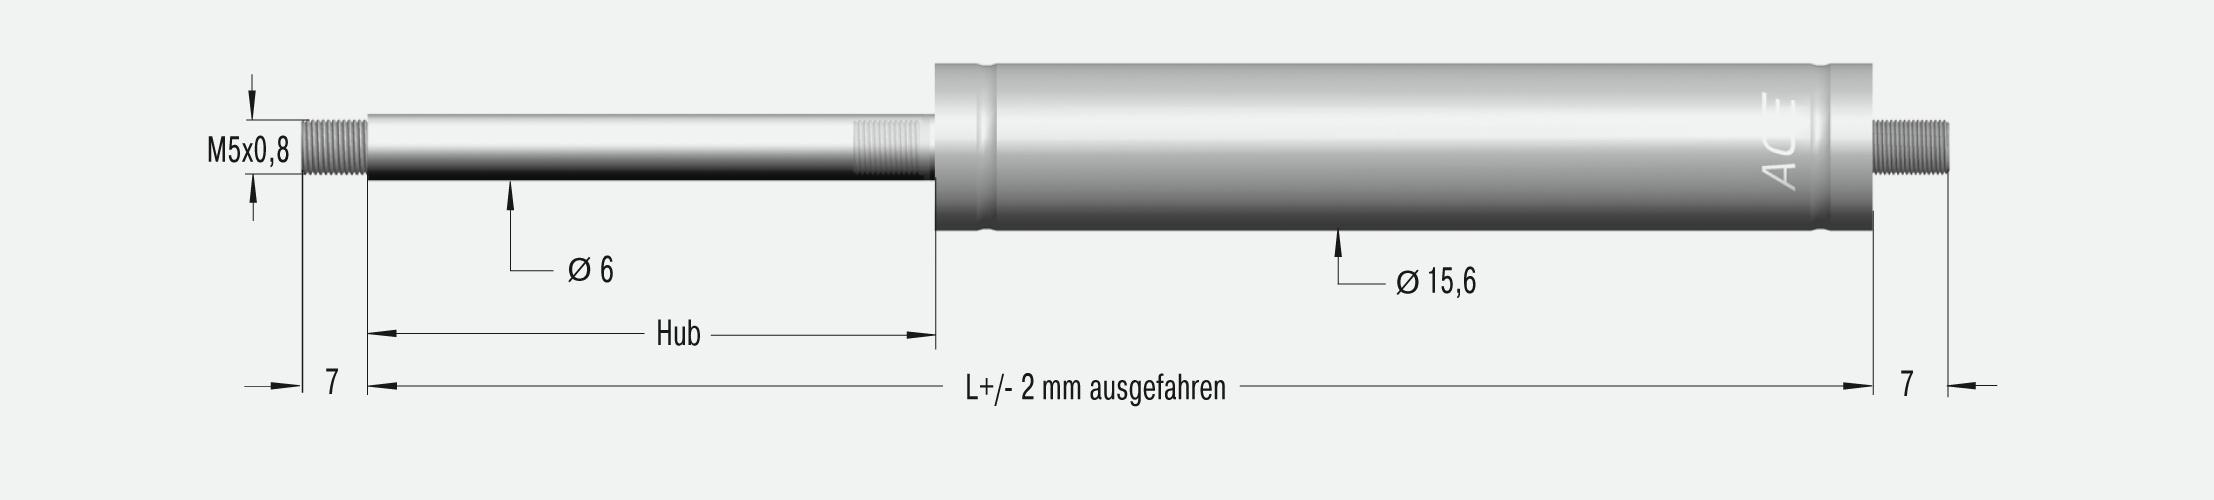 GS-15-20-V4A